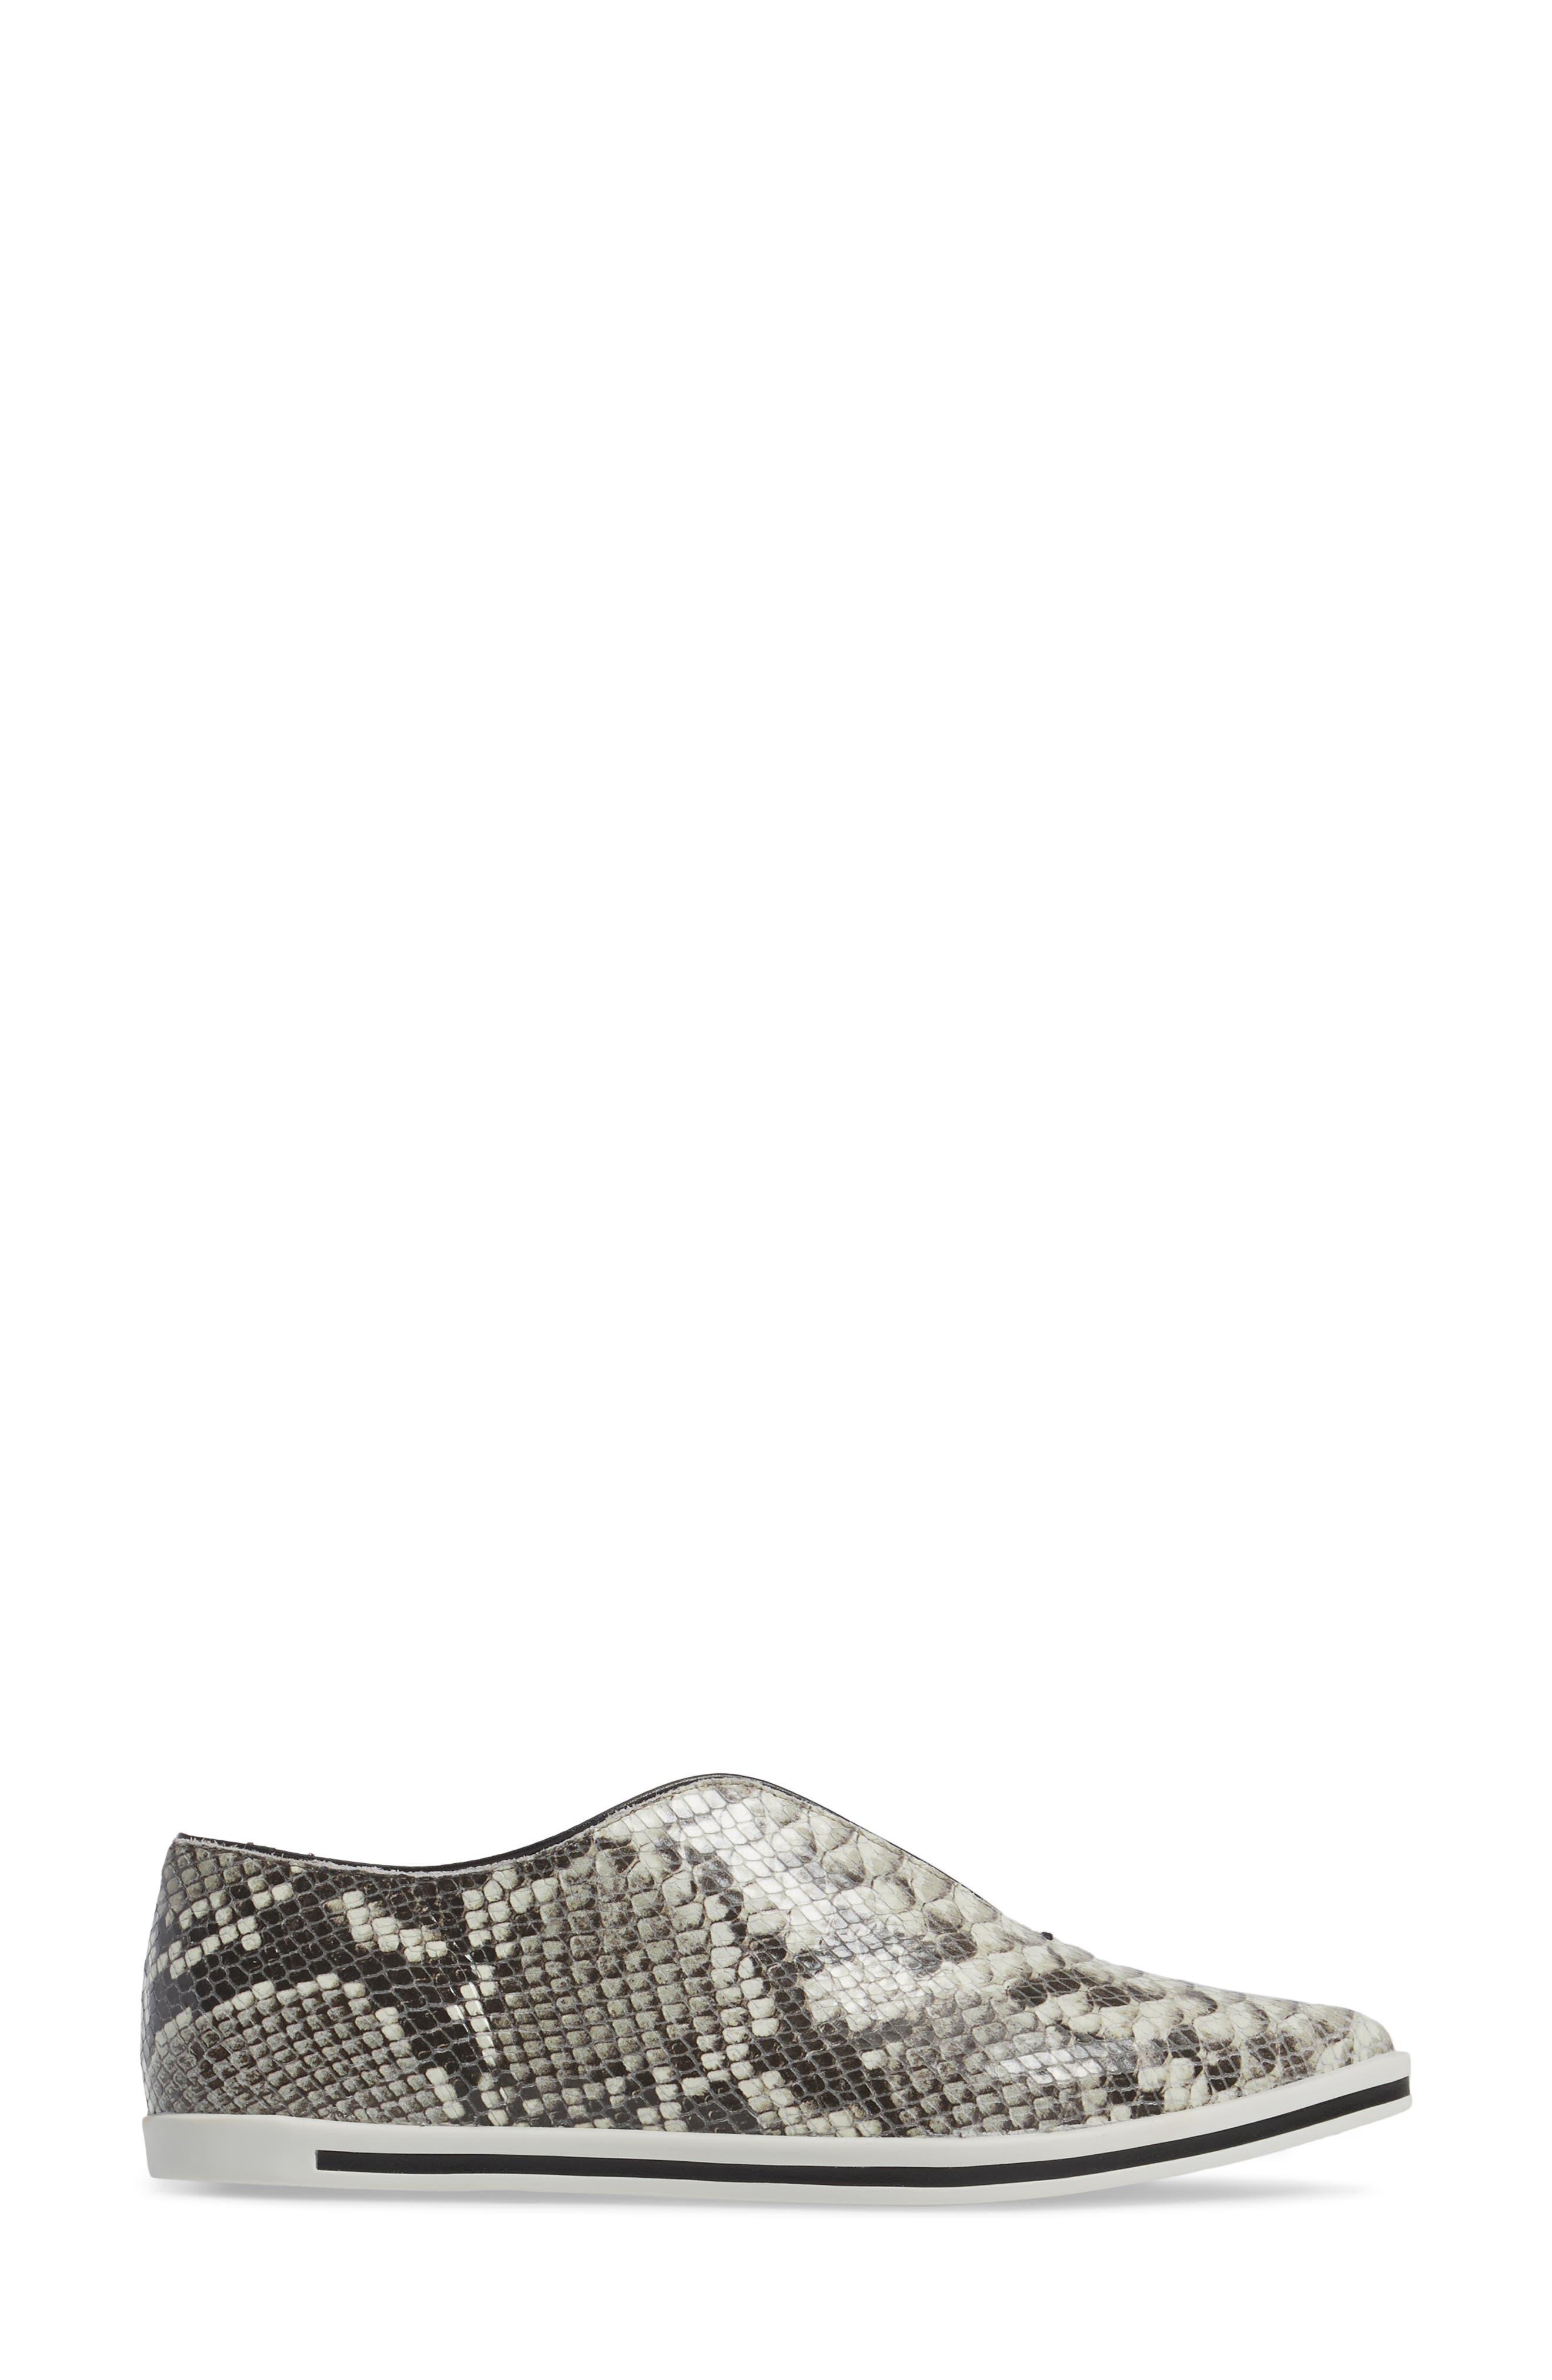 Tisha Slip-On Sneaker,                             Alternate thumbnail 3, color,                             Natural Embossed Leather